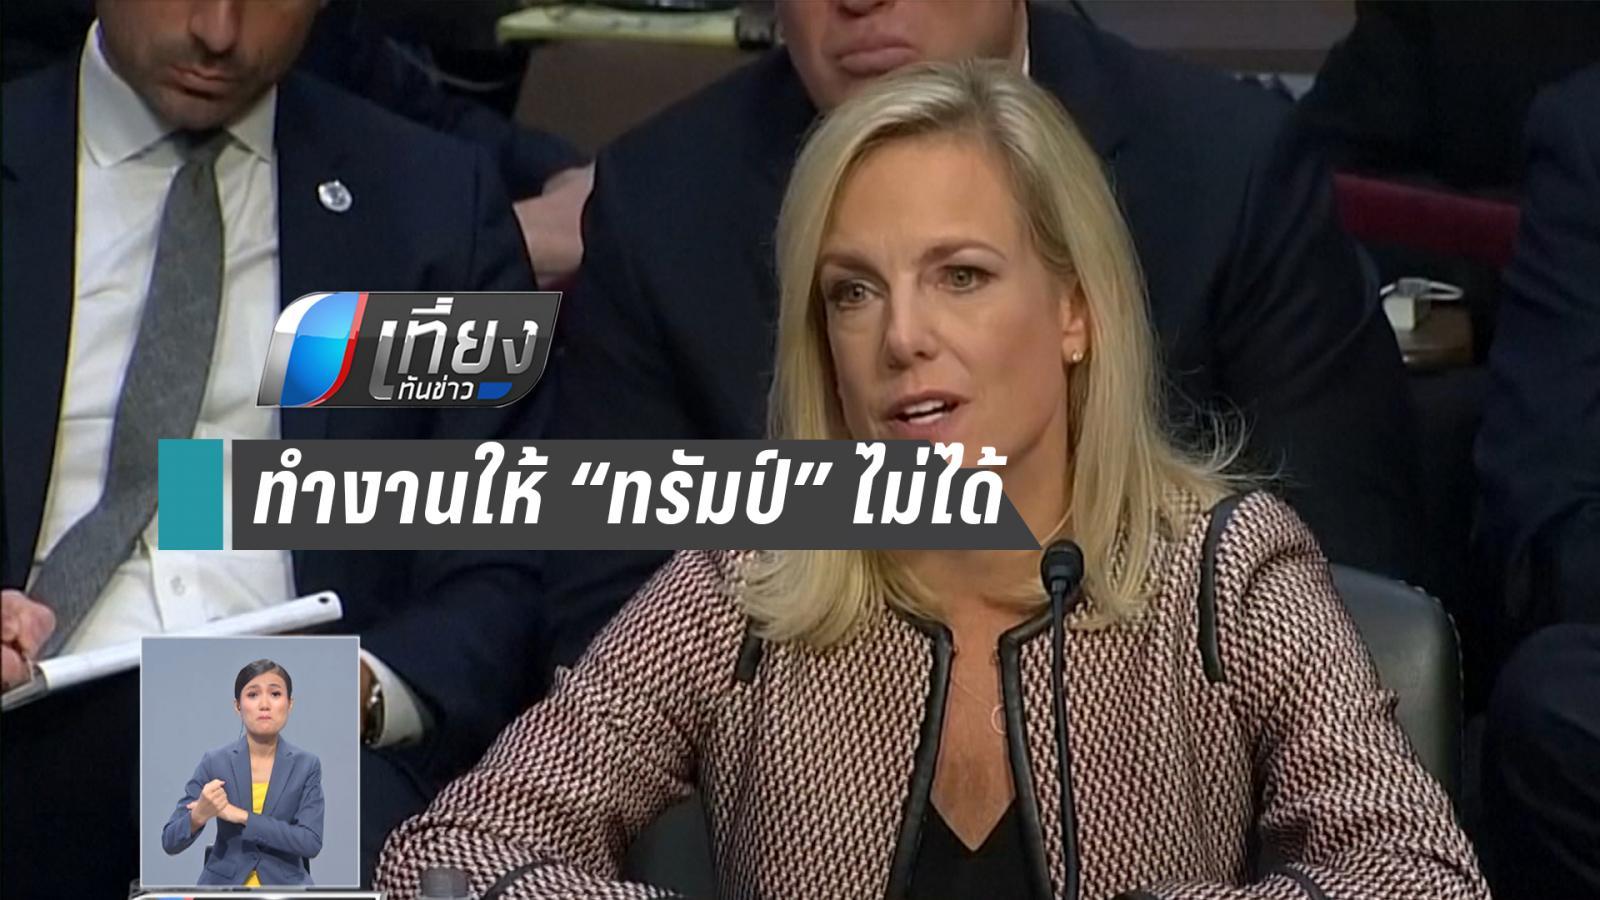 """รัฐมนตรีกระทรวงความมั่นคง สหรัฐฯ ลาออก คาดทำงานให้ """"ทรัมป์"""" ไม่ได้"""